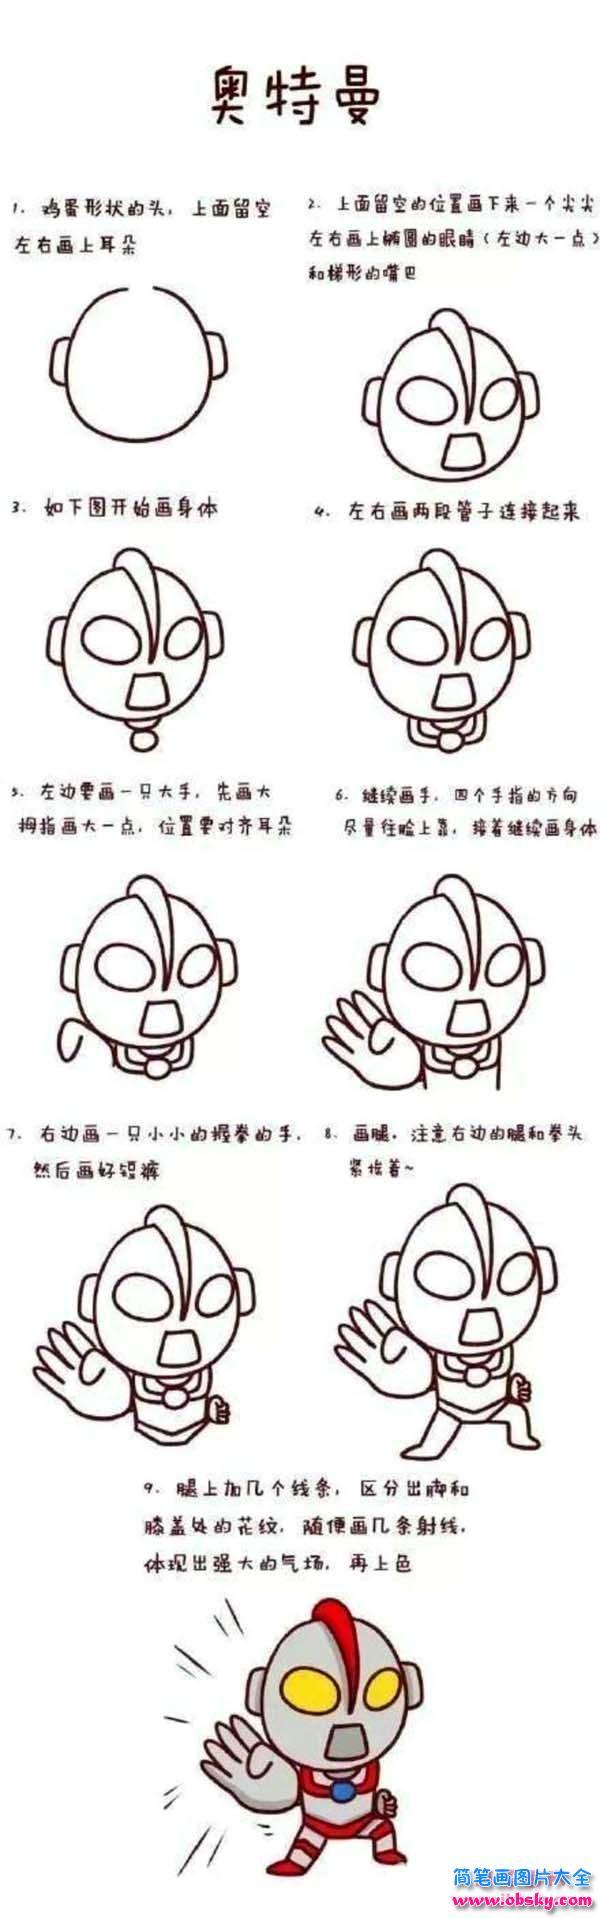 表情 奥特曼简笔画画法步骤 怎么画奥特曼 奥特曼 儿童简笔画图片大全 表情